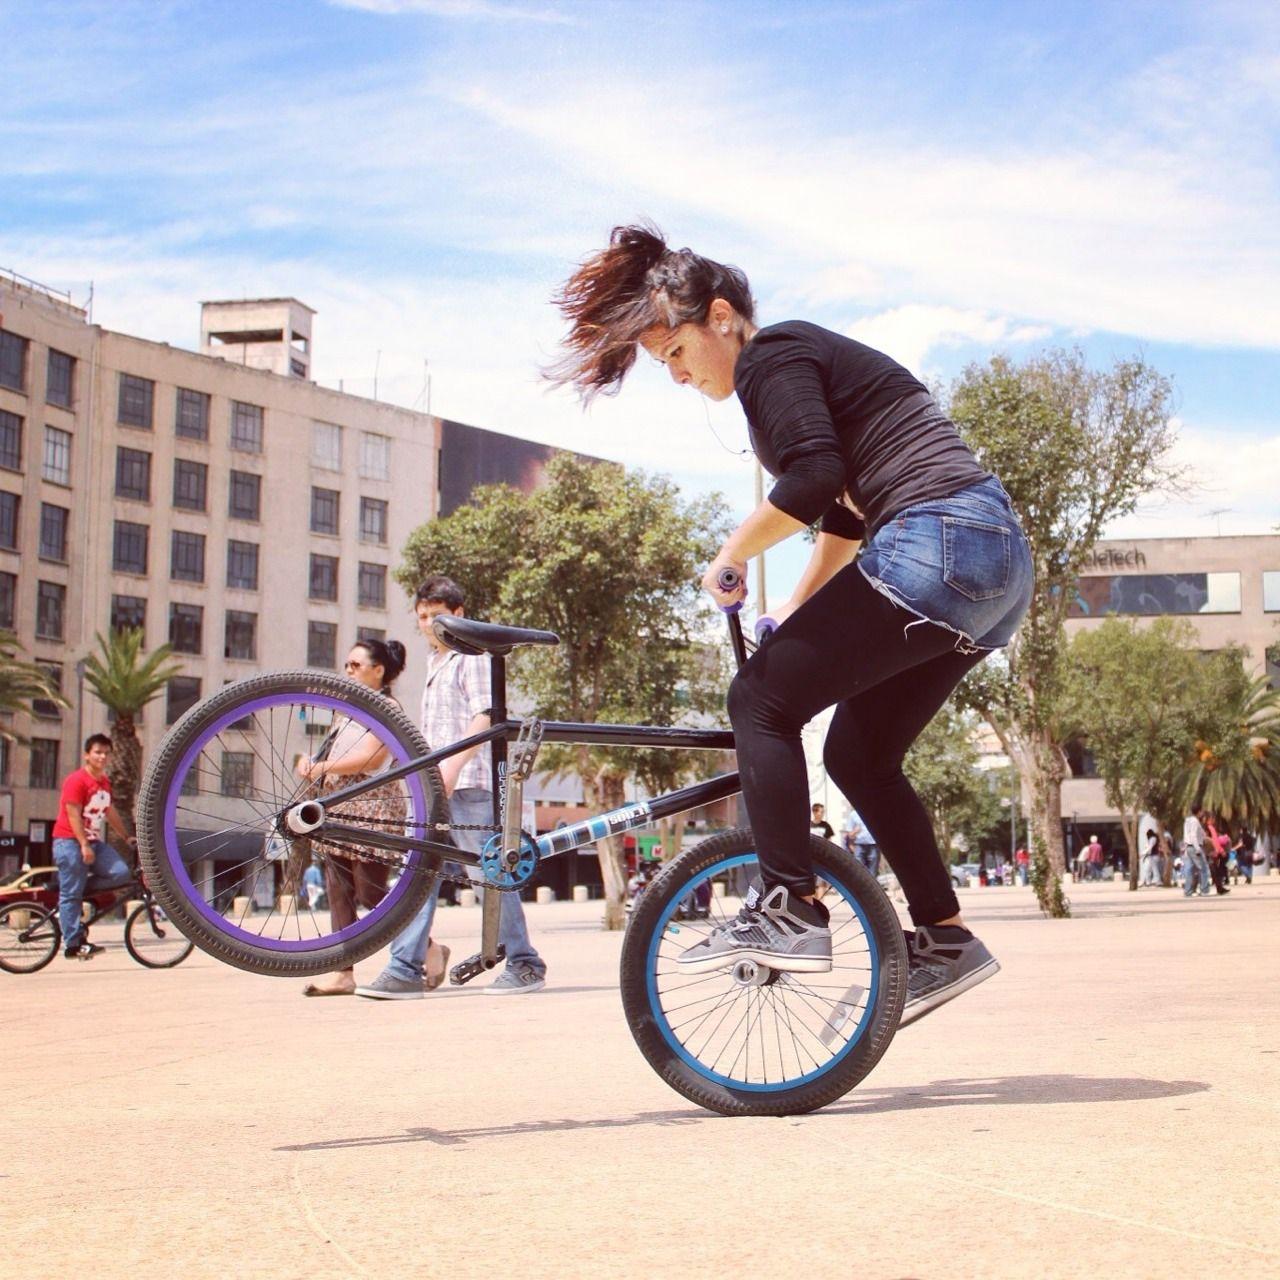 Pin By Alex Guyton On Bikes Bmx Bicycle Bike